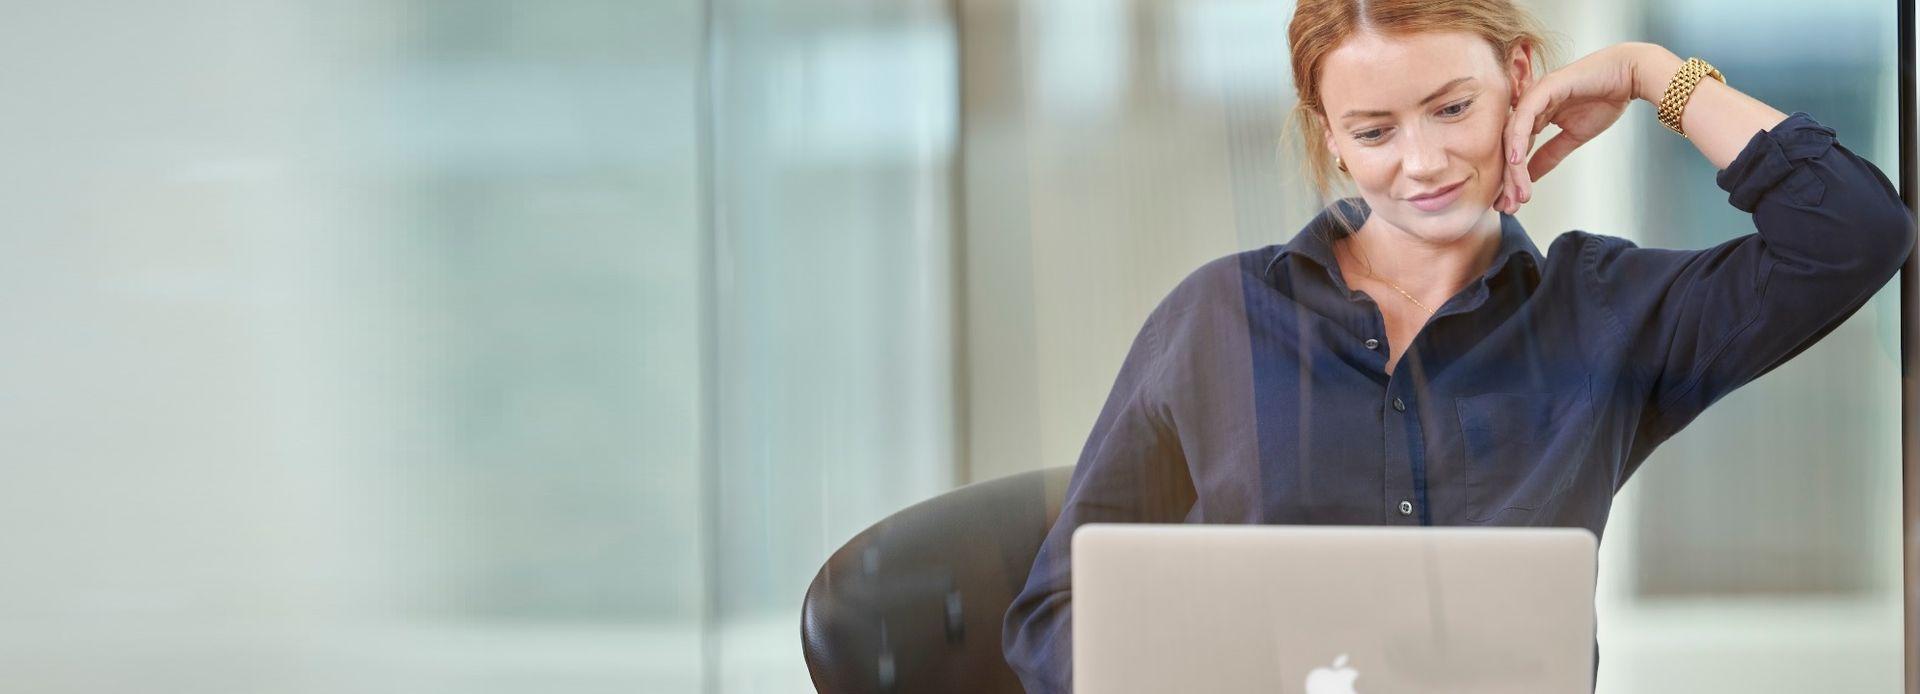 Kvinne sitter foran datamaskin